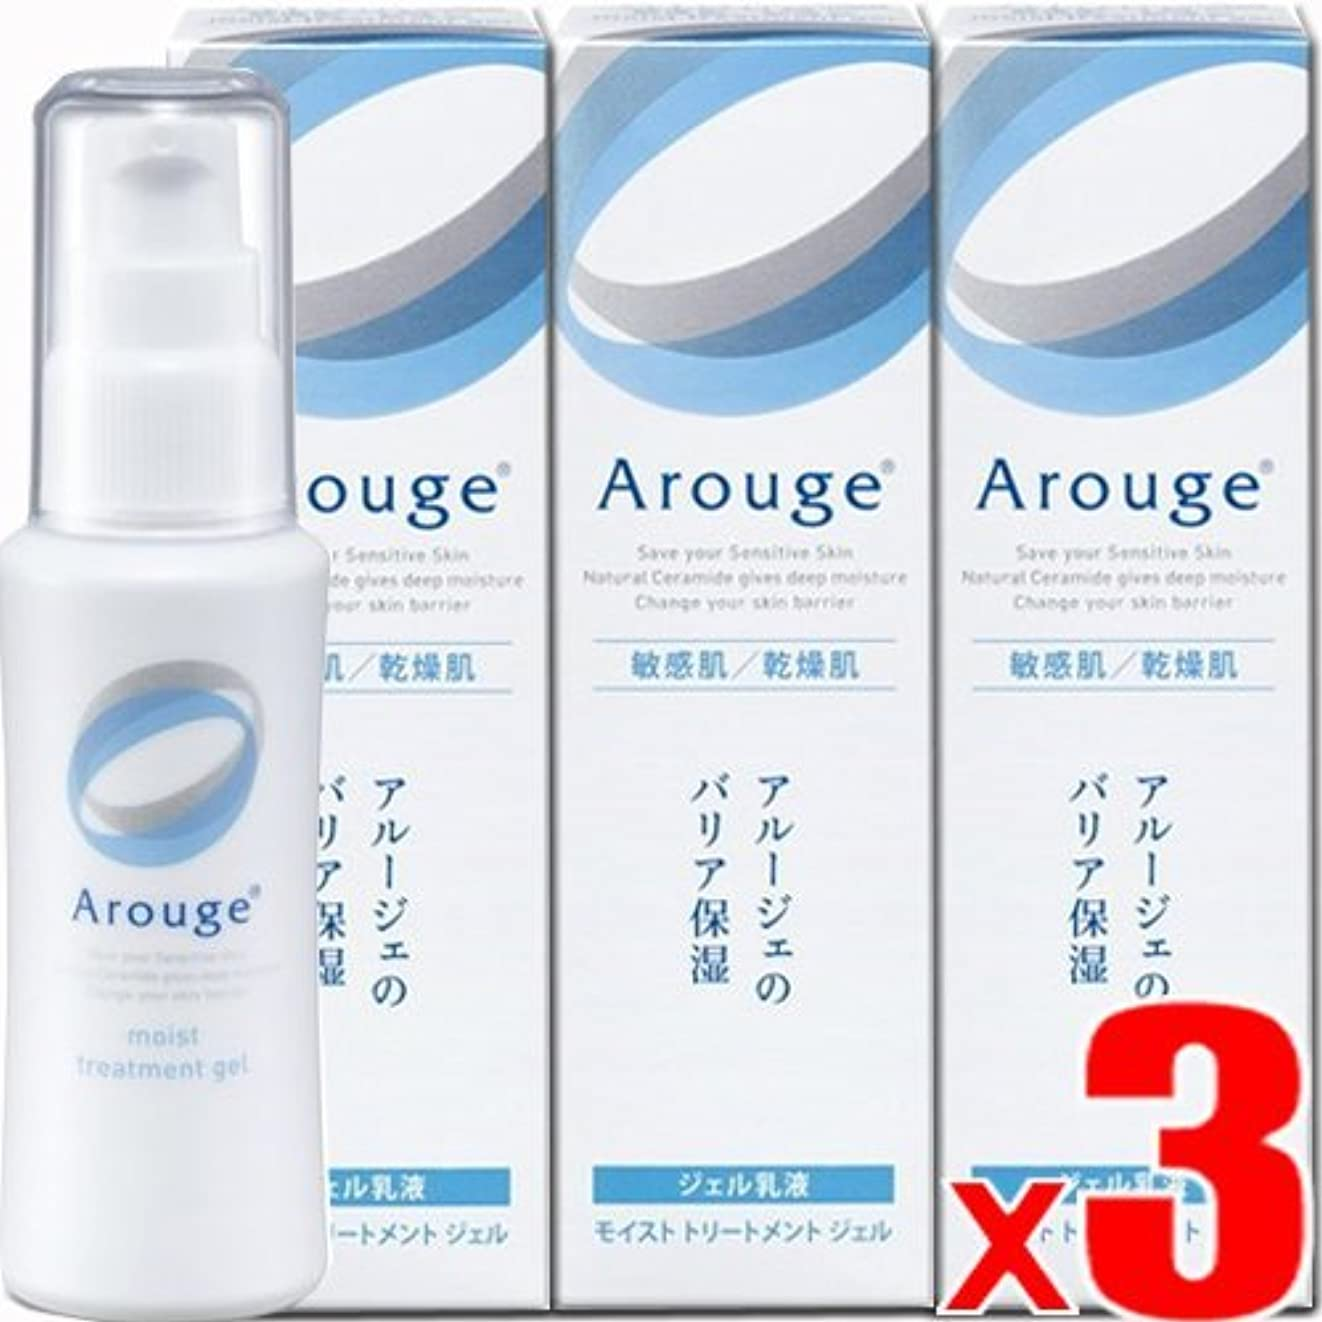 【3個】全薬工業 アルージェ モイスト トリートメント ジェル 50ミリx3個(医薬部外品)(4987305035448-3)